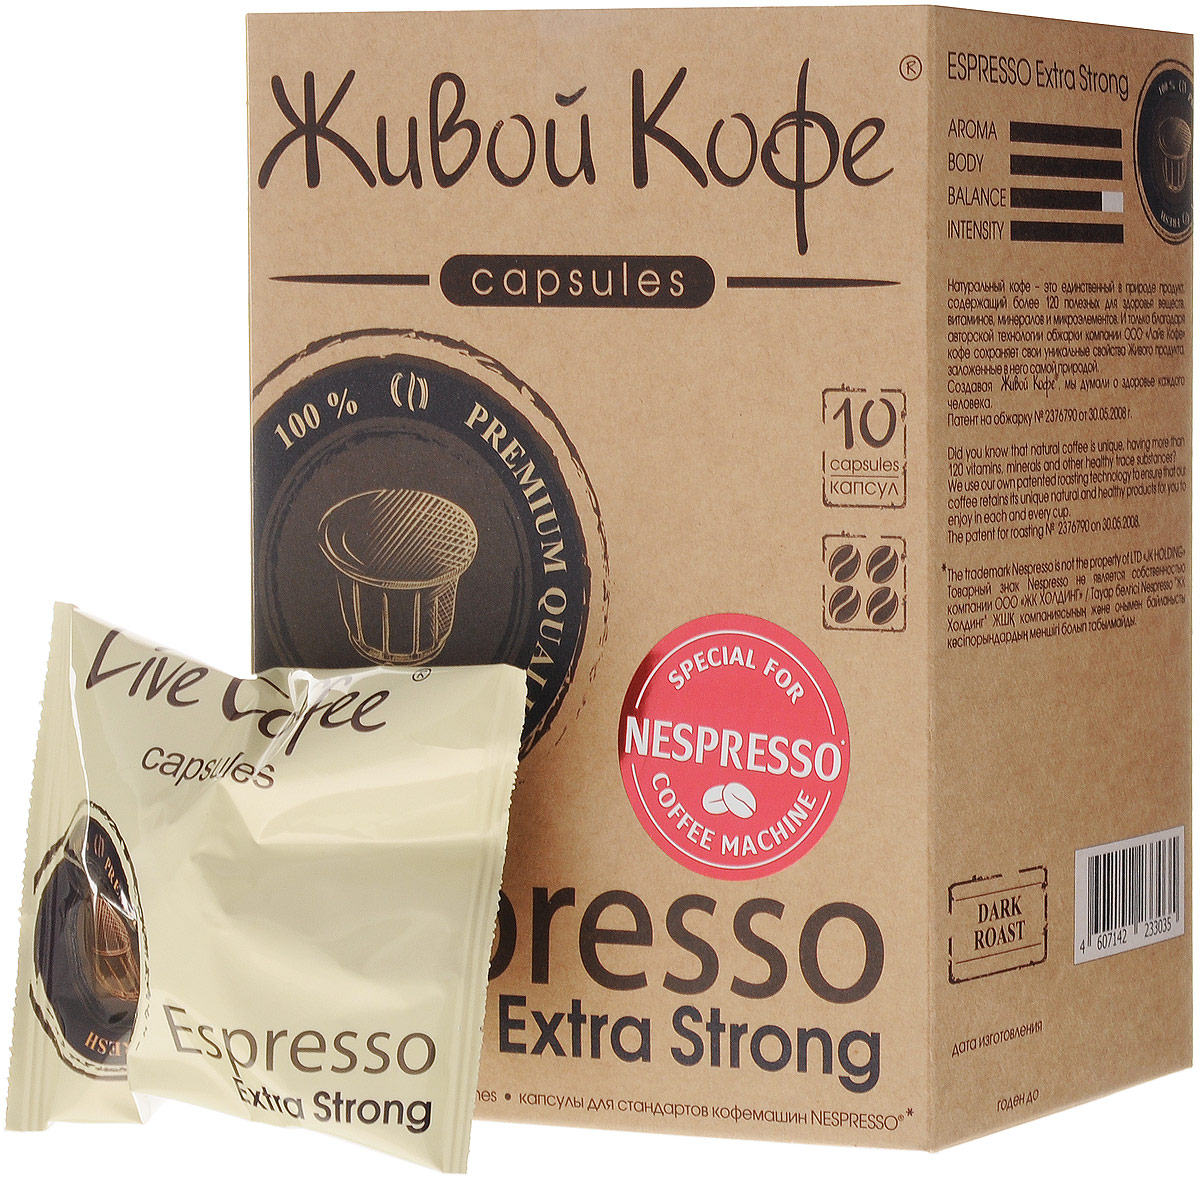 Живой Кофе Espresso Extra Strong кофе в капсулах (индивидуальная упаковка), 10 шт0120710Живой Кофе Espresso Extra Strong - натуральный молотый кофе темной обжарки в капсулах. Очень крепкий и бодрящий напиток в капсулах формата Nespresso для настоящих гурманов. Ароматный кофе с насыщенным терпким послевкусием и фруктовыми нотами.Каждая капсула упакована в индивидуальный пакет для сохранения свежести и качества кофе. Благодаря авторской технологии обжарки группы компаний Сафари кофе, напиток сохраняет свои уникальные свойства, заложенные самой природой.Уважаемые клиенты! Обращаем ваше внимание на то, что упаковка может иметь несколько видов дизайна. Поставка осуществляется в зависимости от наличия на складе.